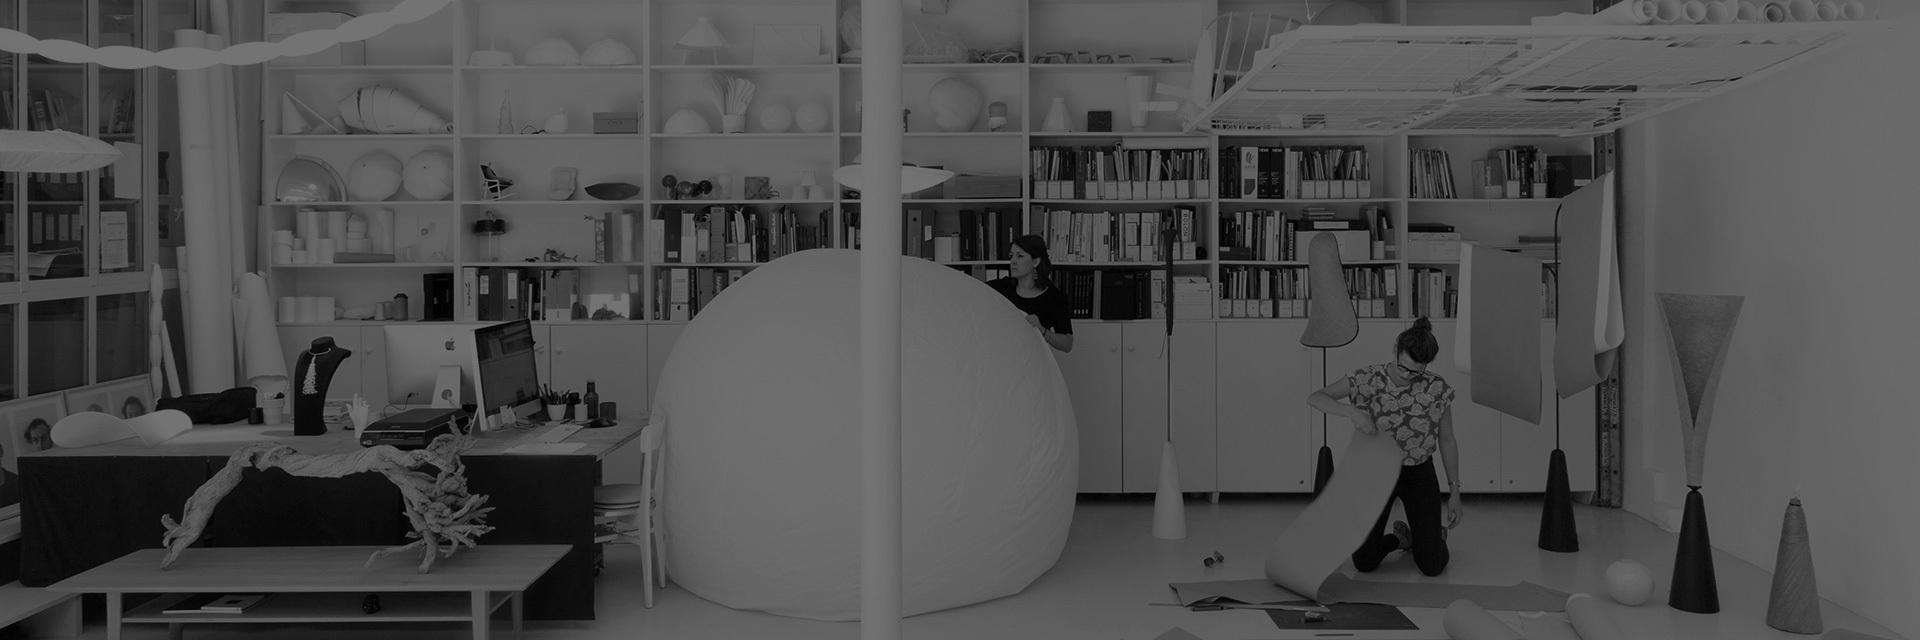 """法国著名女性设计师。毕业于巴黎国立高等工业设计学院,以梦幻浪漫的设计著称,被设计界鬼才Philippe Starck称为""""造梦者""""。曾拥有多重的教育背景和政治家、画廊经营者、电影制作人等多个身份的她,对这个世界有更加多元丰富的认知角度,更加清楚了解每个人对""""生活""""二字不同的需求,也更好的融入到设计中。她曾说过""""好奇心就像发动机,滋生着我与每个新项目邂逅的欲望。"""""""